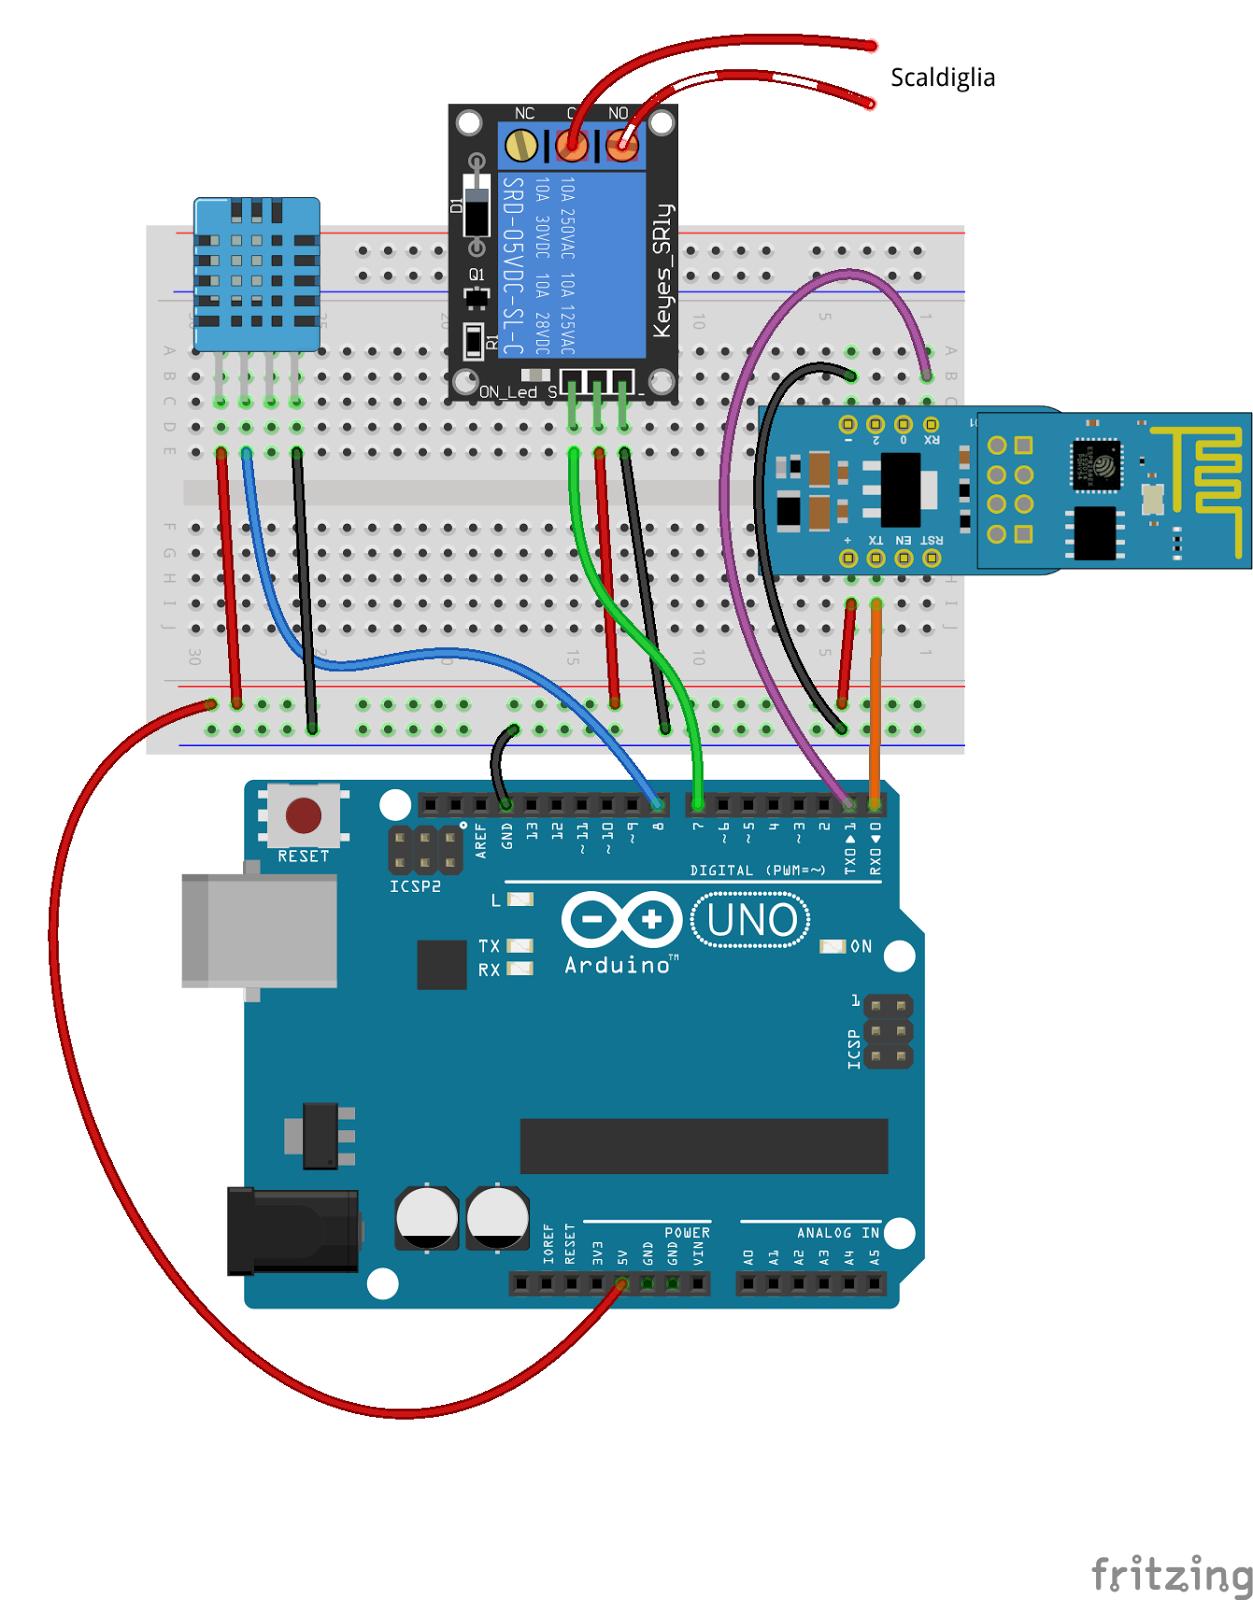 abbastanza Daniele Alberti, Arduino 's blog: Termostato wifi con Arduino e  LU11